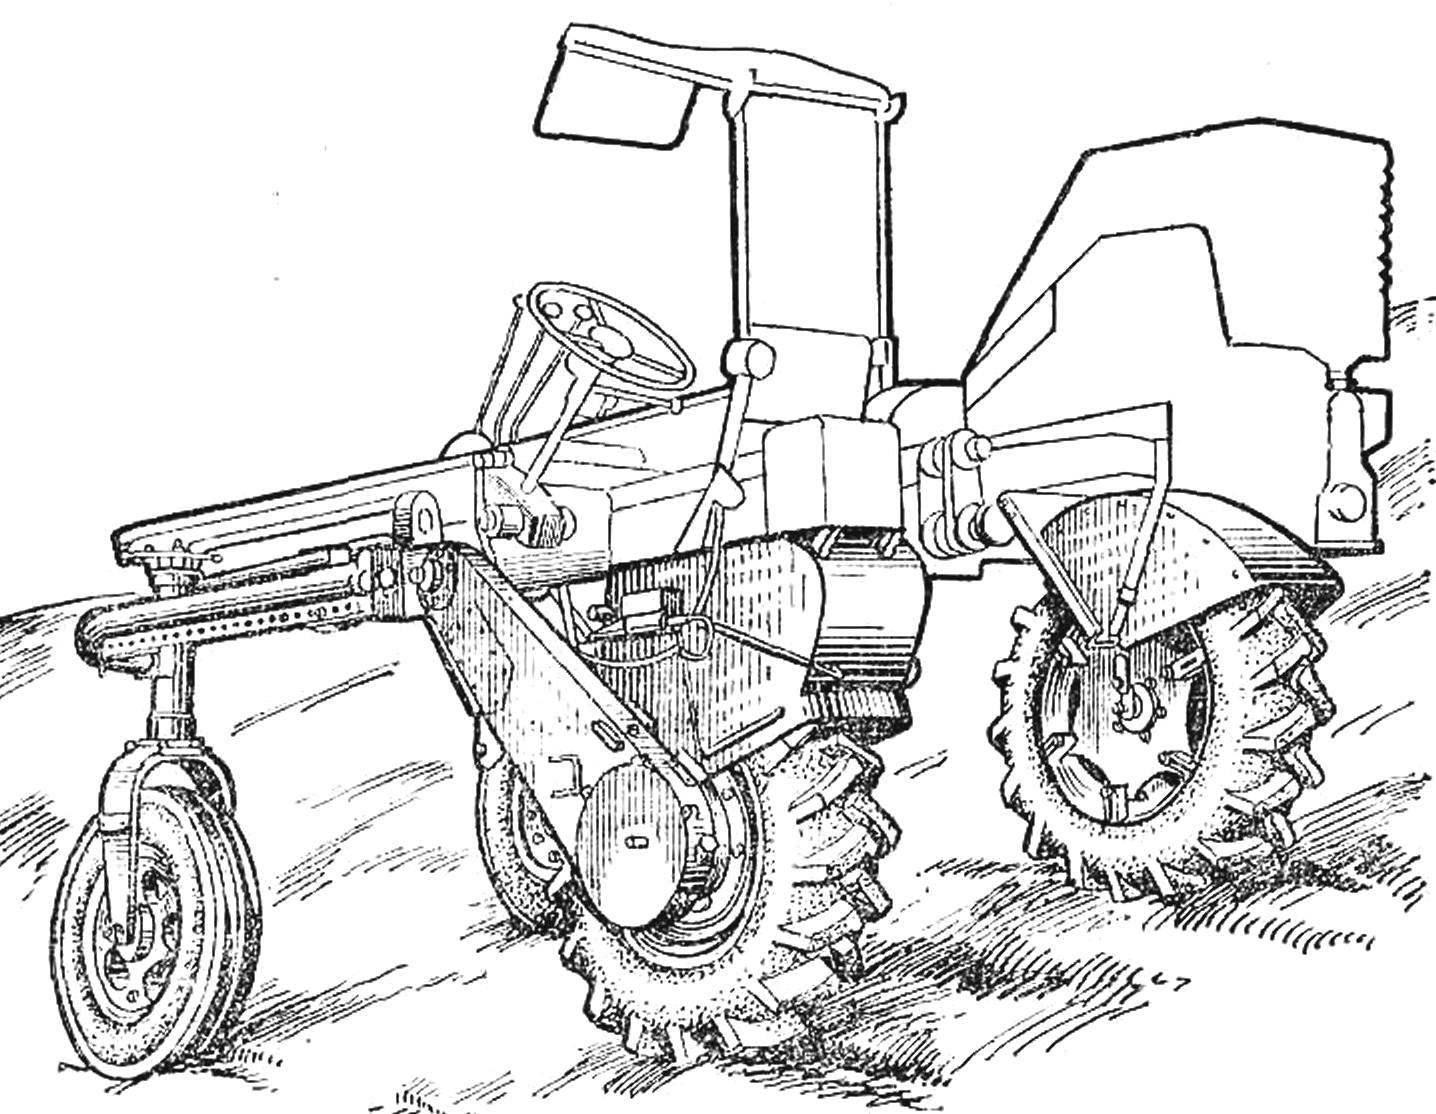 Рис. 5. Горно-равнинное самоходное шасси СШ-0611.